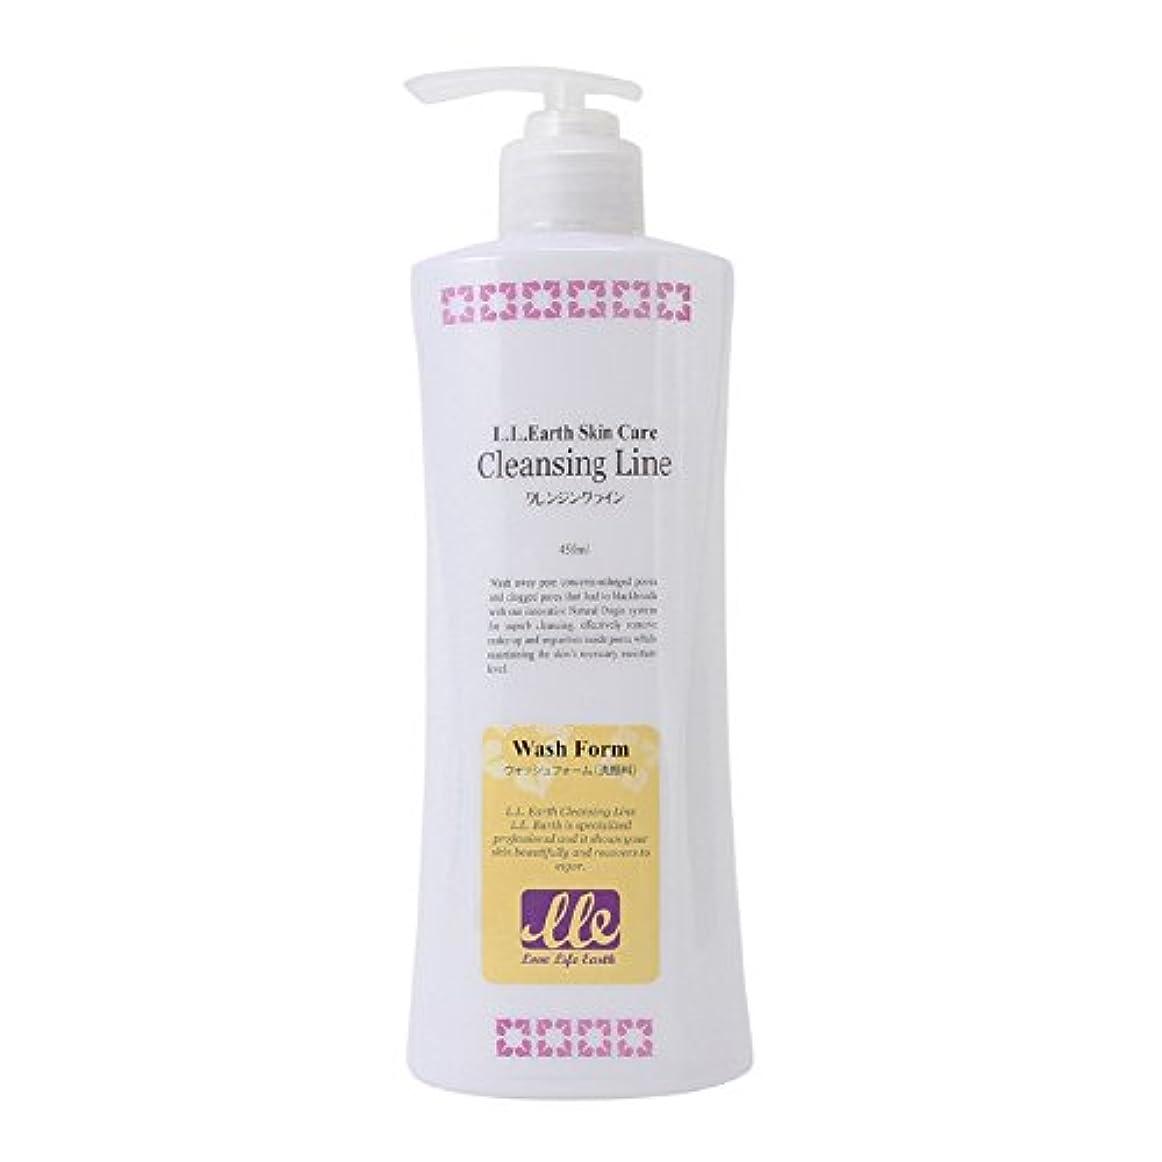 作動する終了しました男らしさエステ業務用 ウォッシングフォーム 450ml / Cleansing Line Wash Form/洗顔料